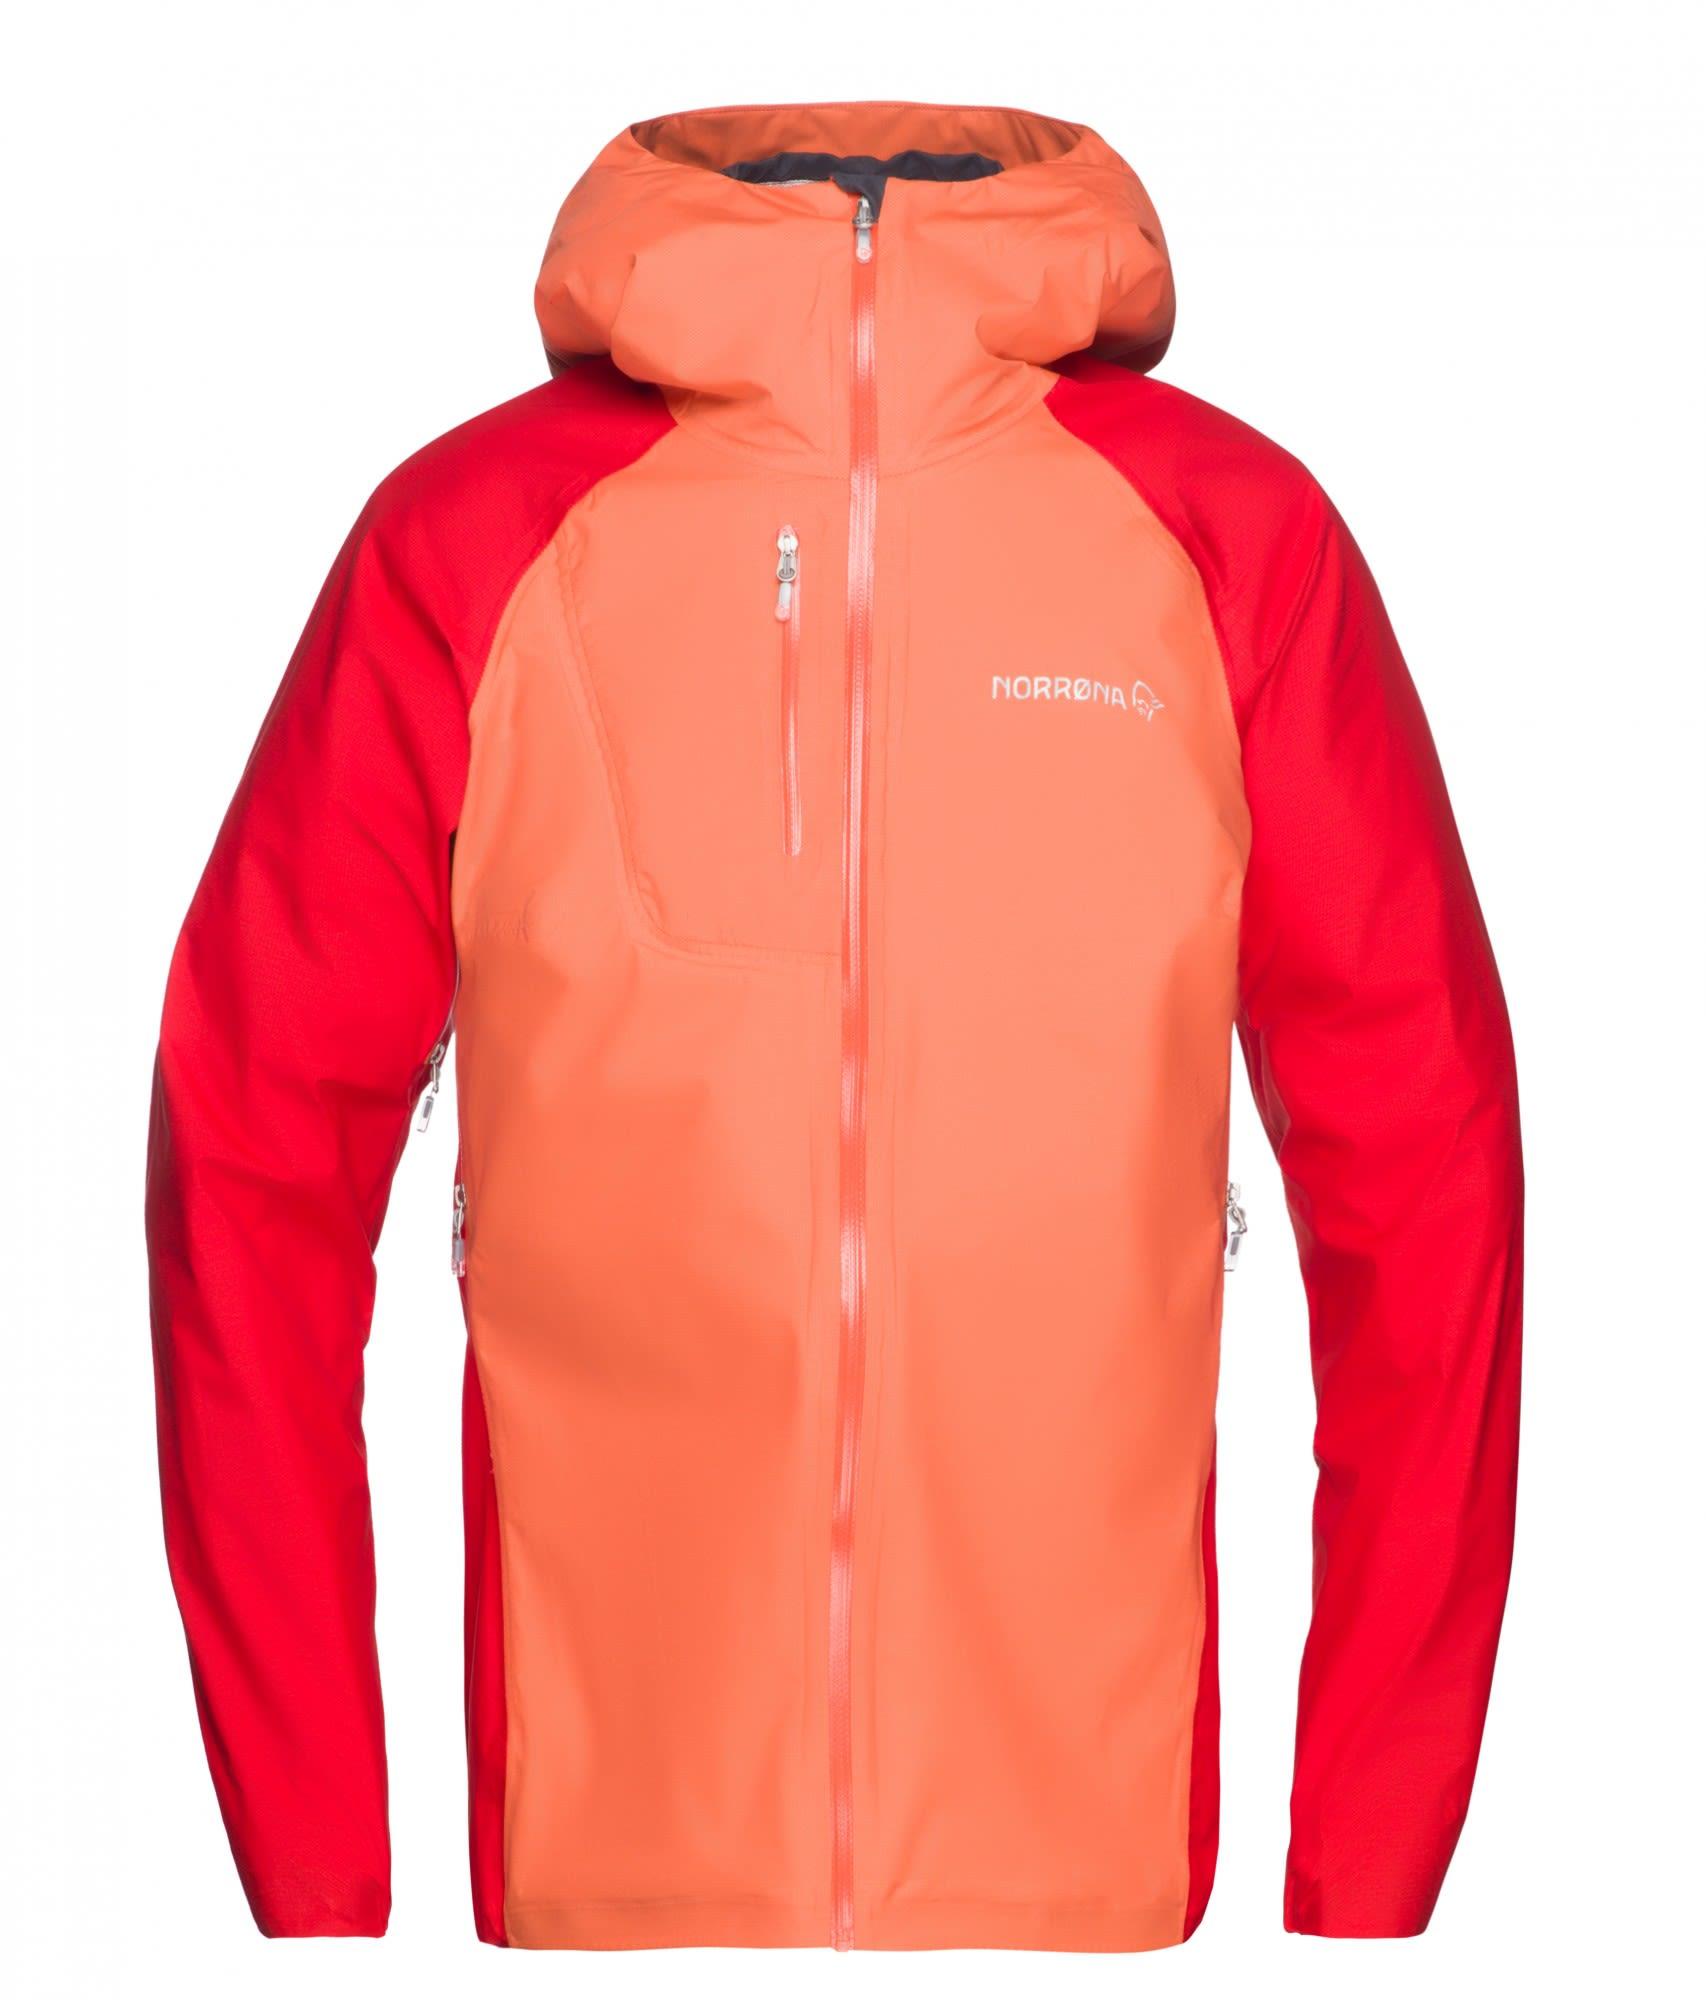 Norrona W Bitihorn Dri1 Jacket | Größe XS,S,M,L | Damen Regenjacke